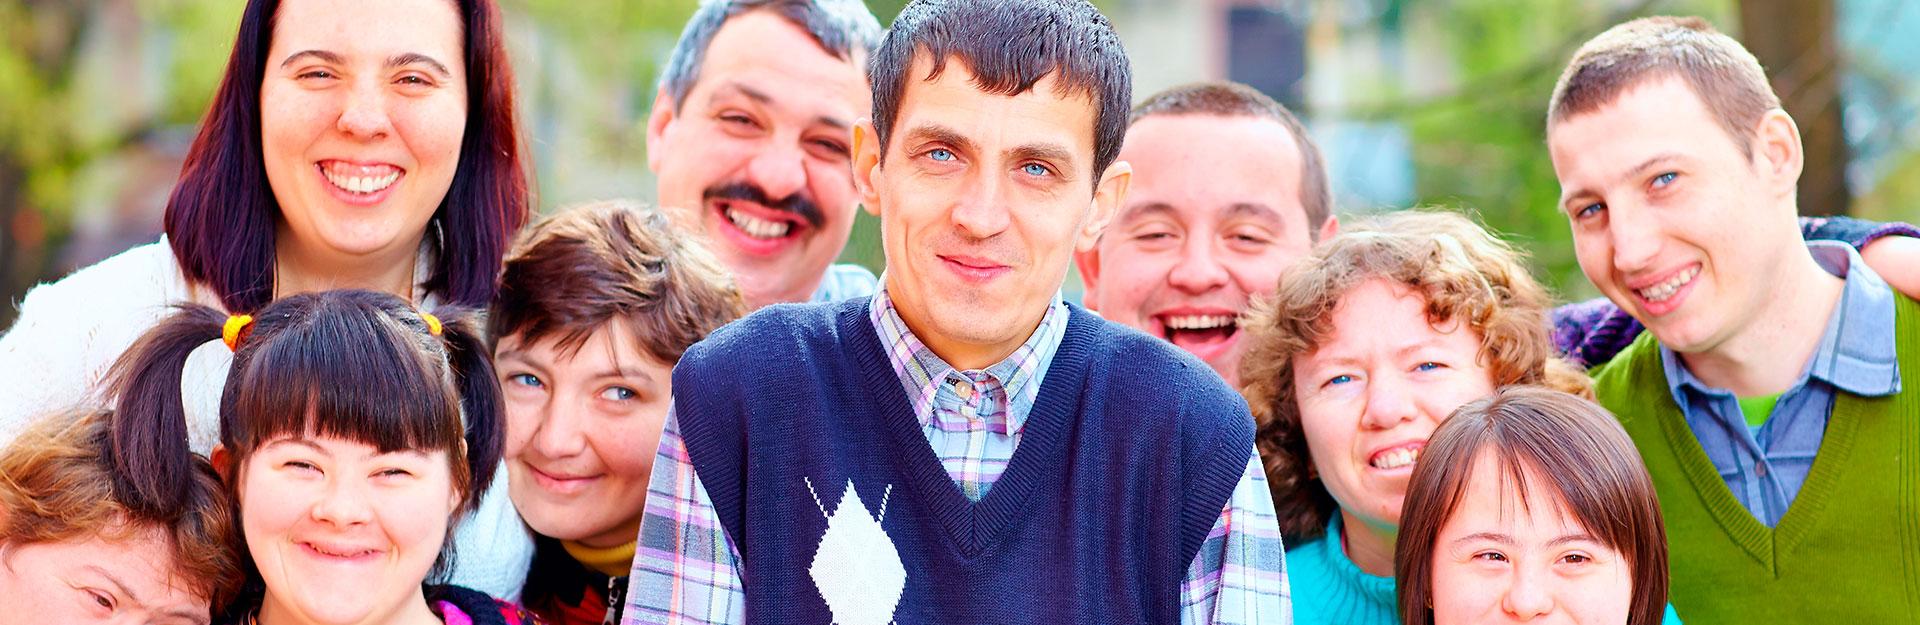 Un grupo de personas con discapacidad sonríen y posan en un parque para una fotografía.